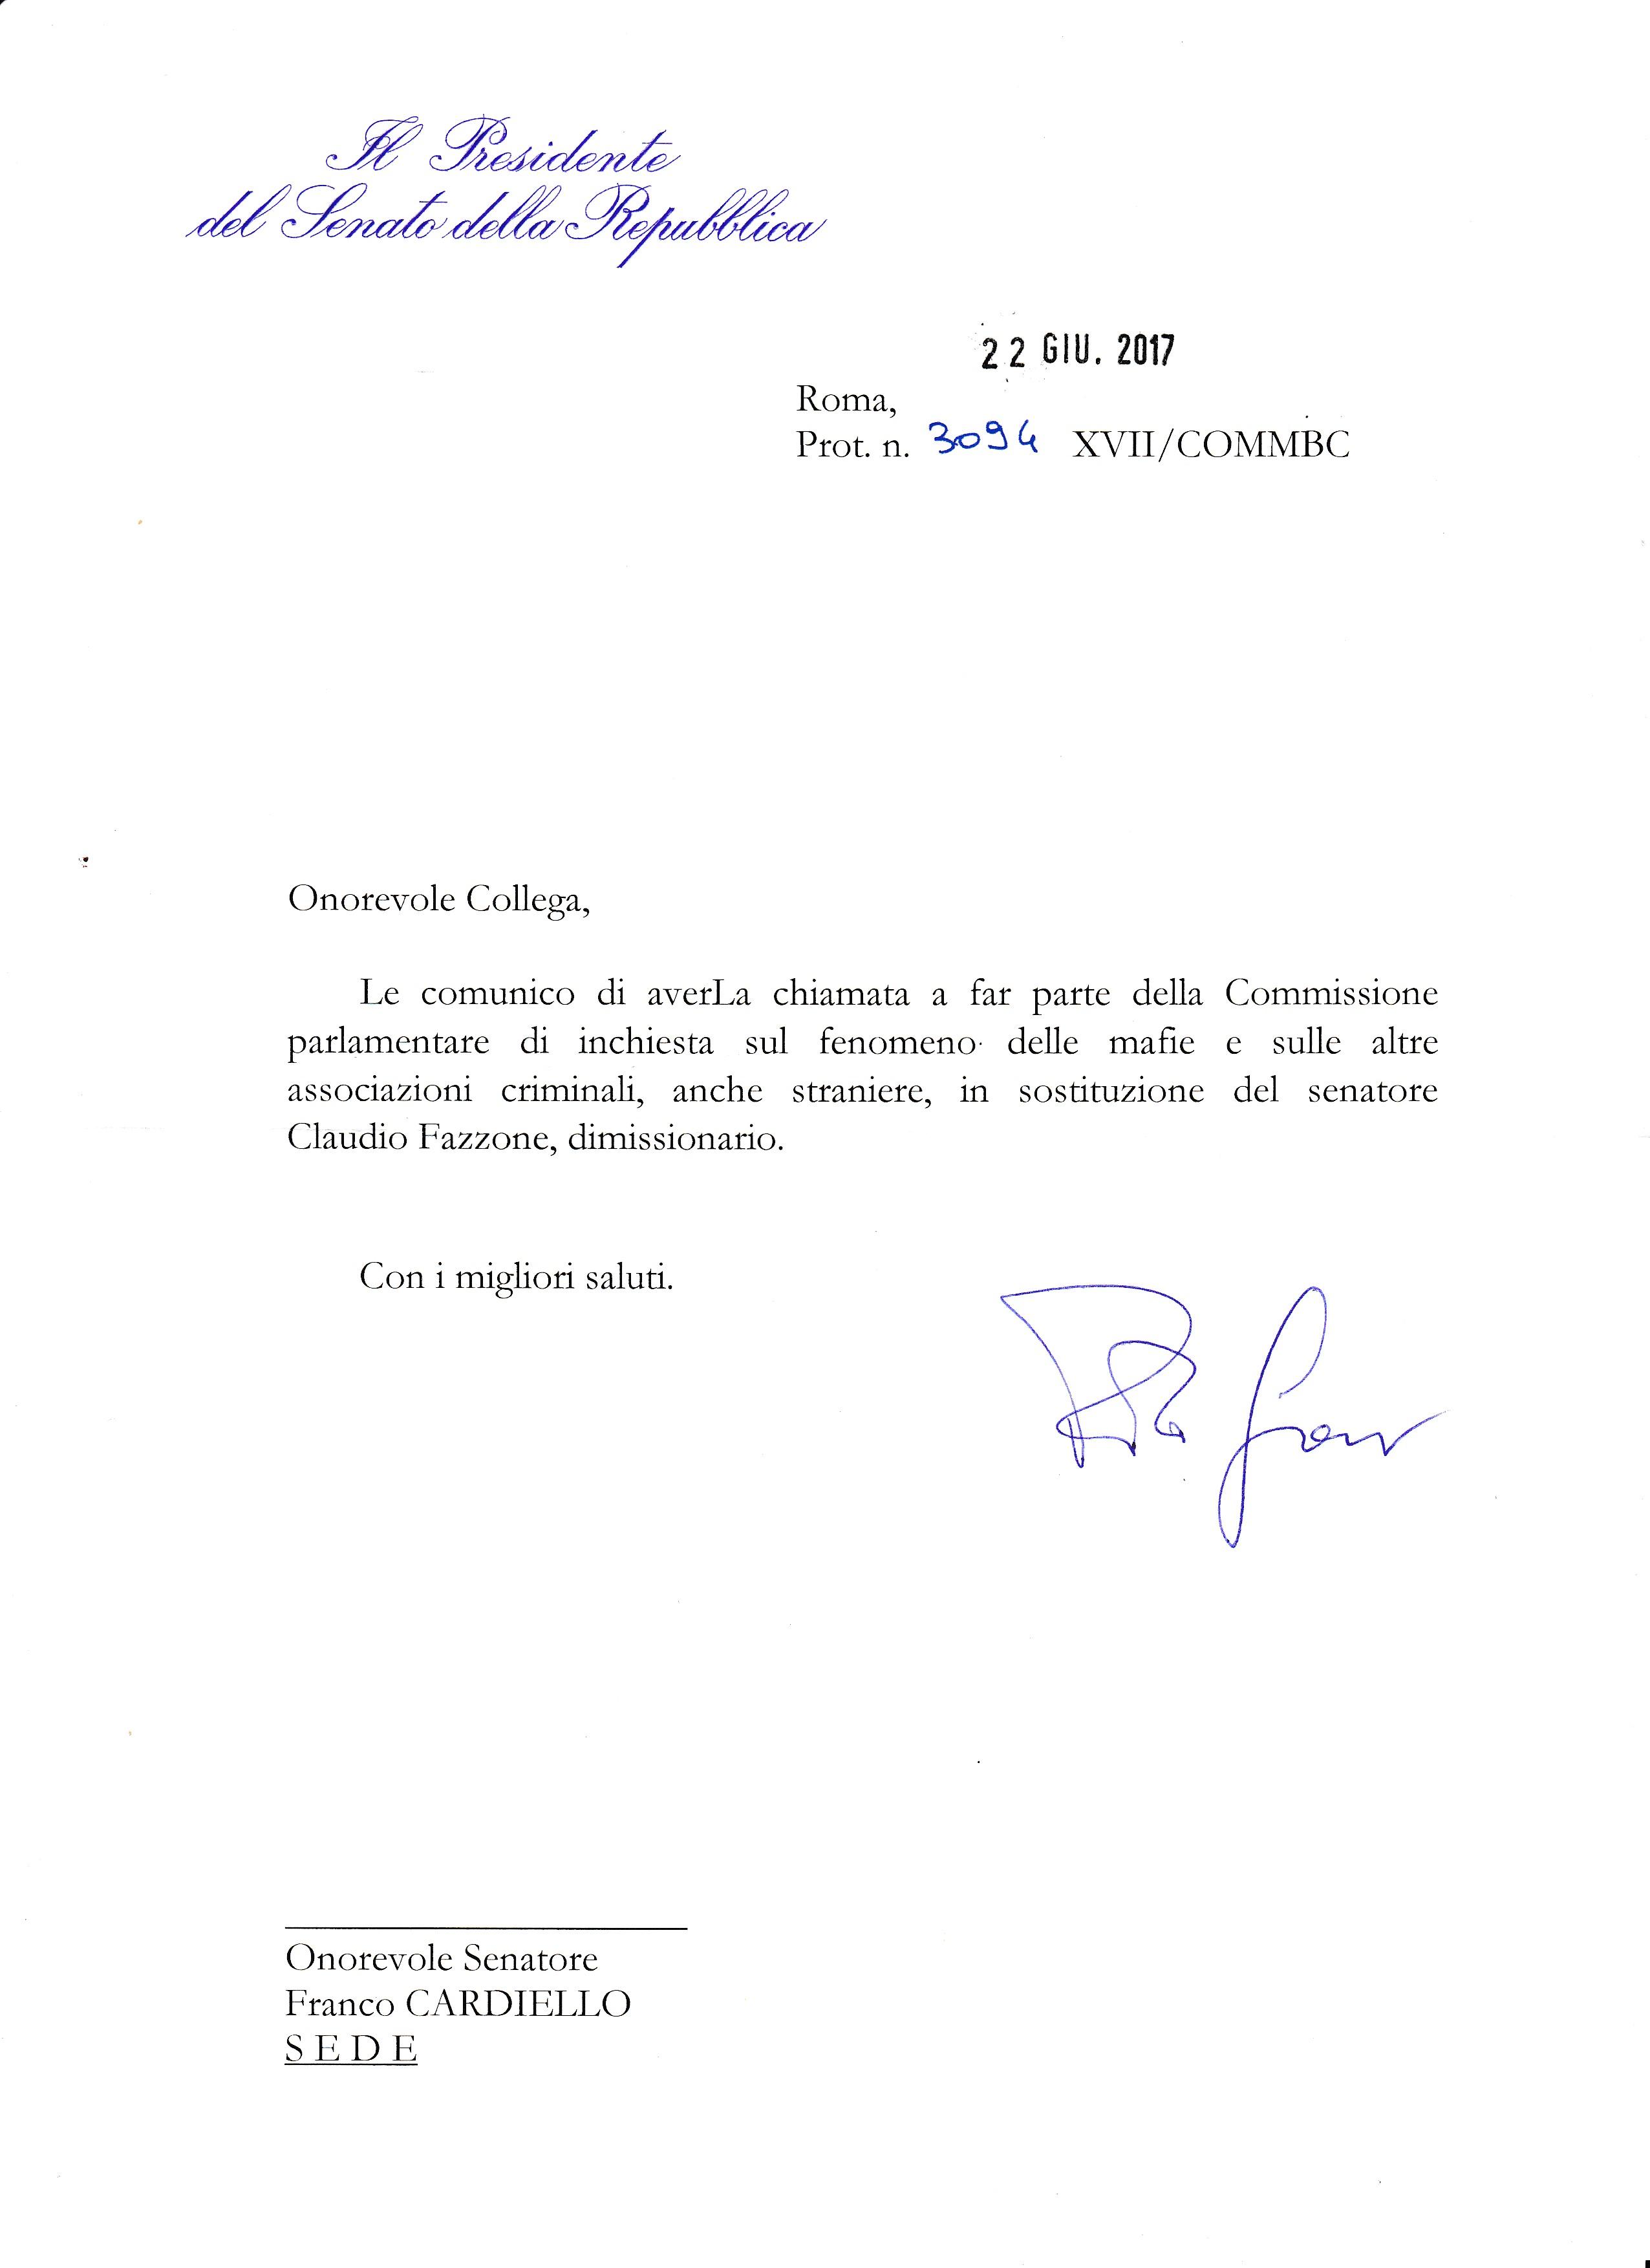 Nomina-Franco Cardiello-Comissione Antimafia